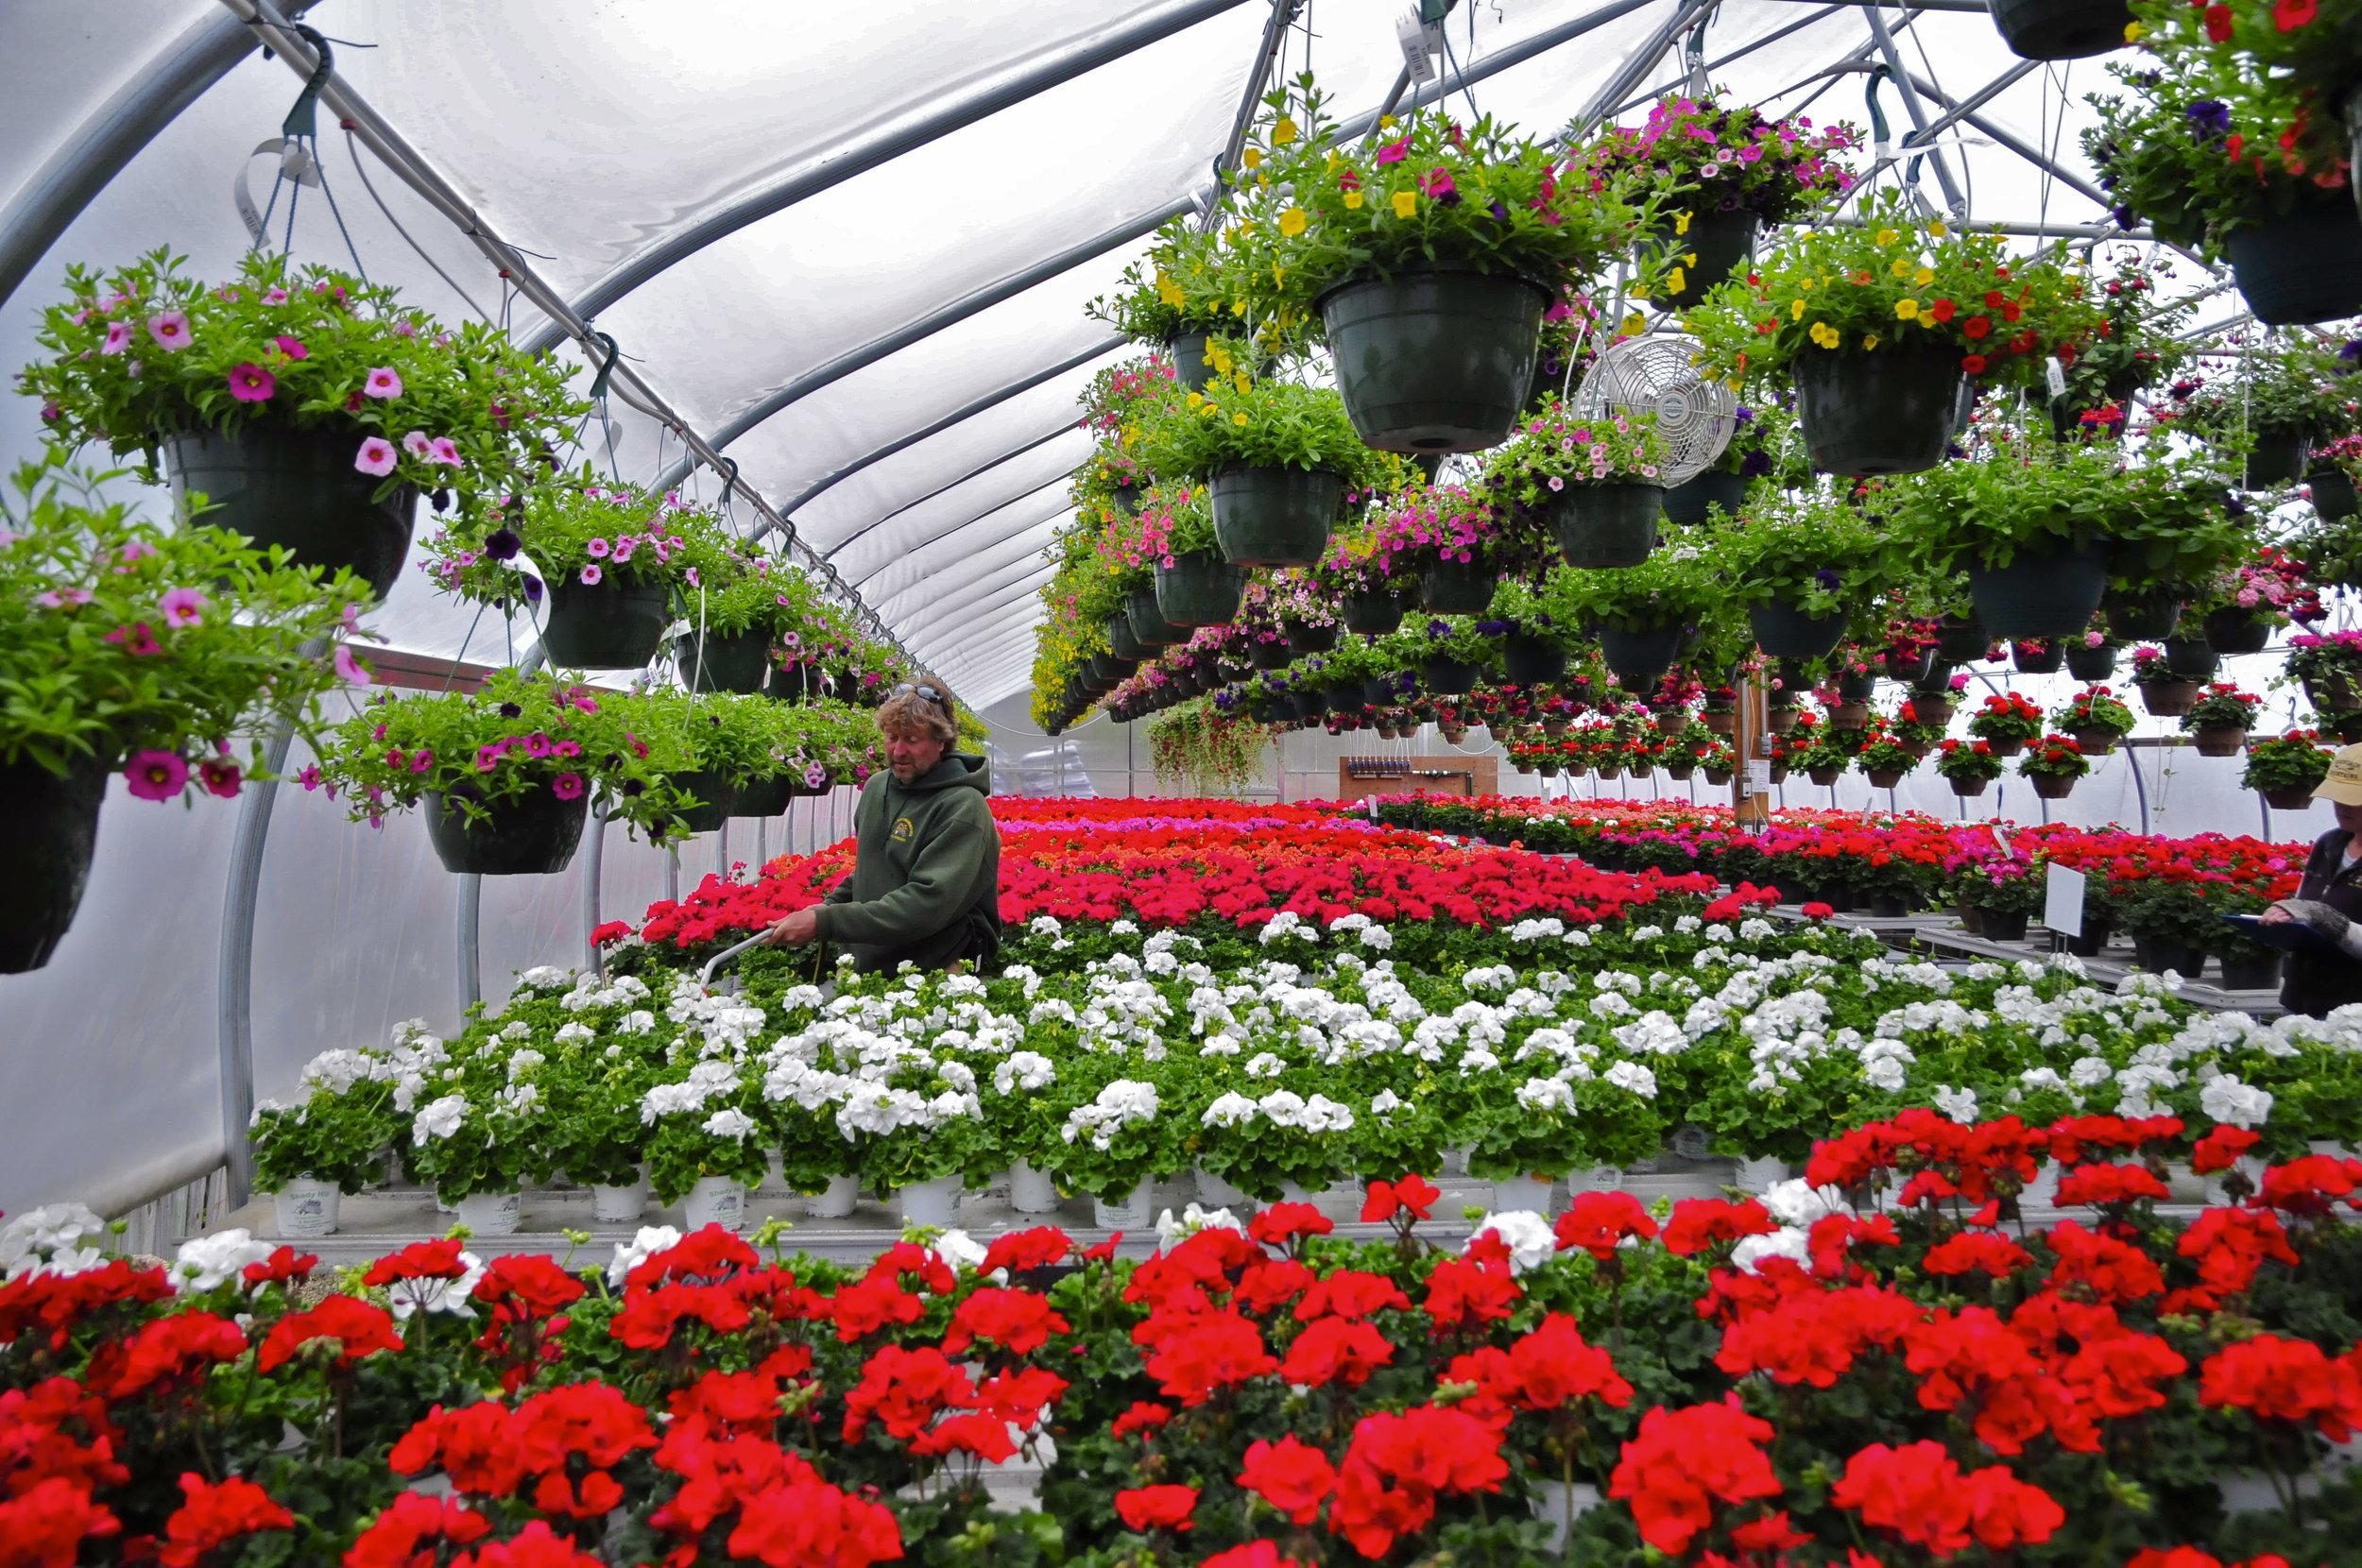 Propagation of geraniums at Shady Hills Nursery in Elburn